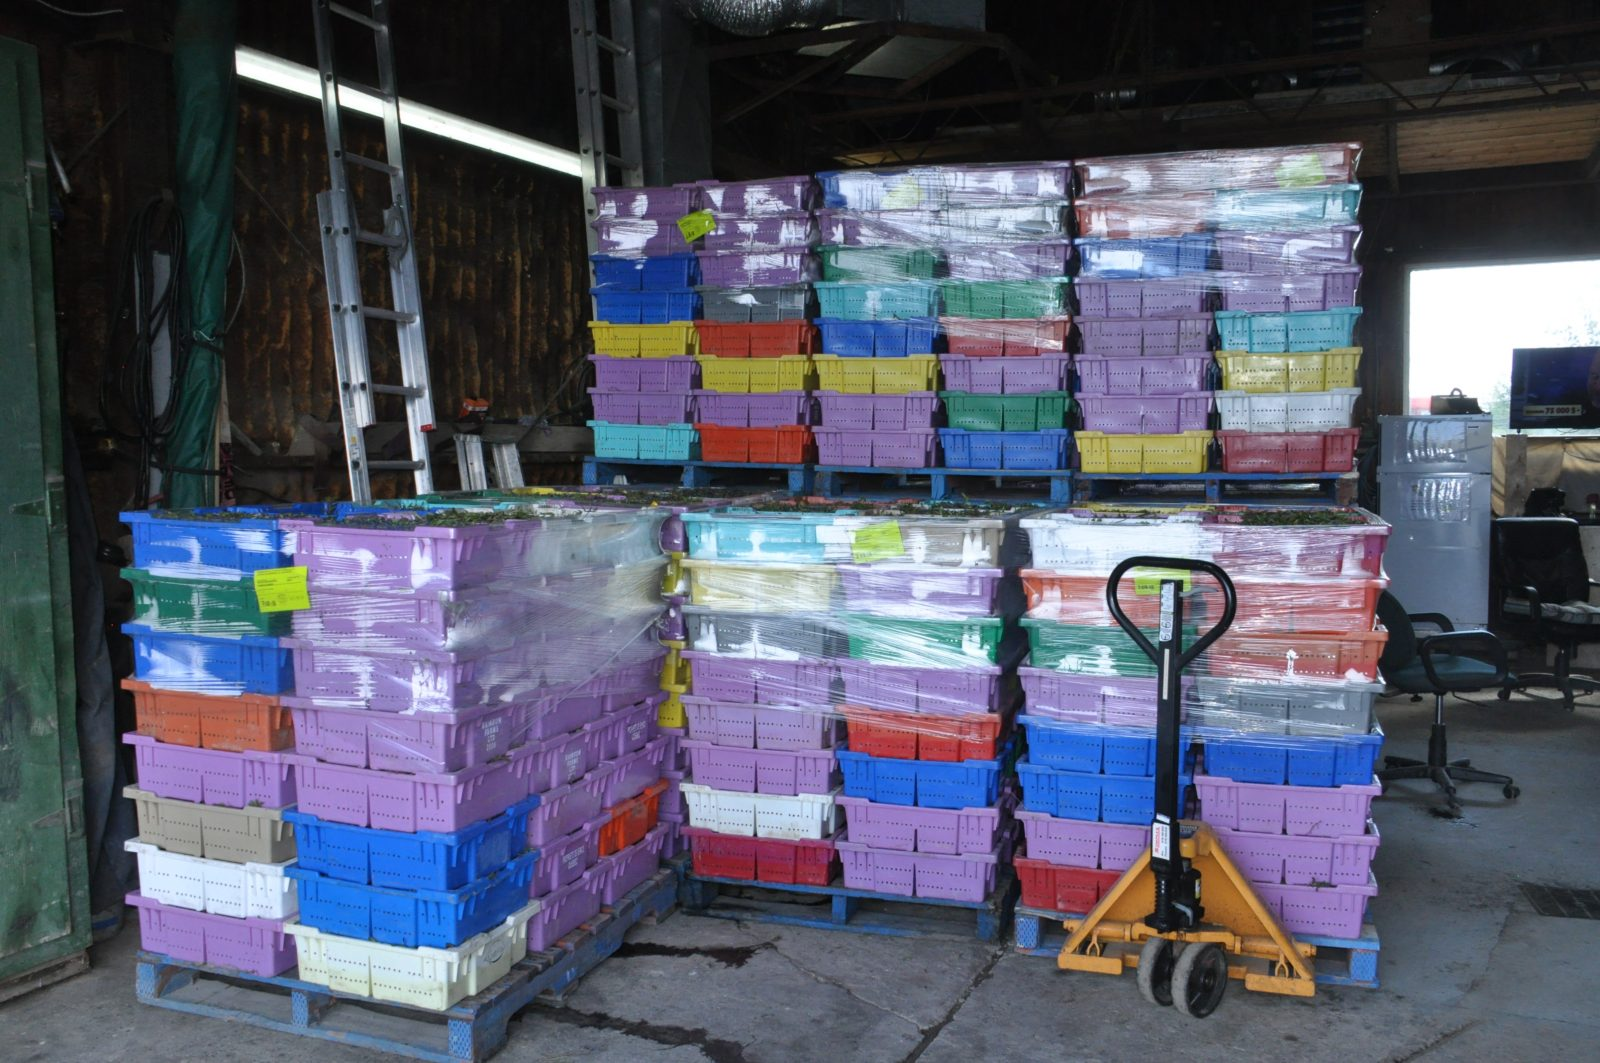 Régis Bergeron envisage acheter plus de 700000 livres de bleuets